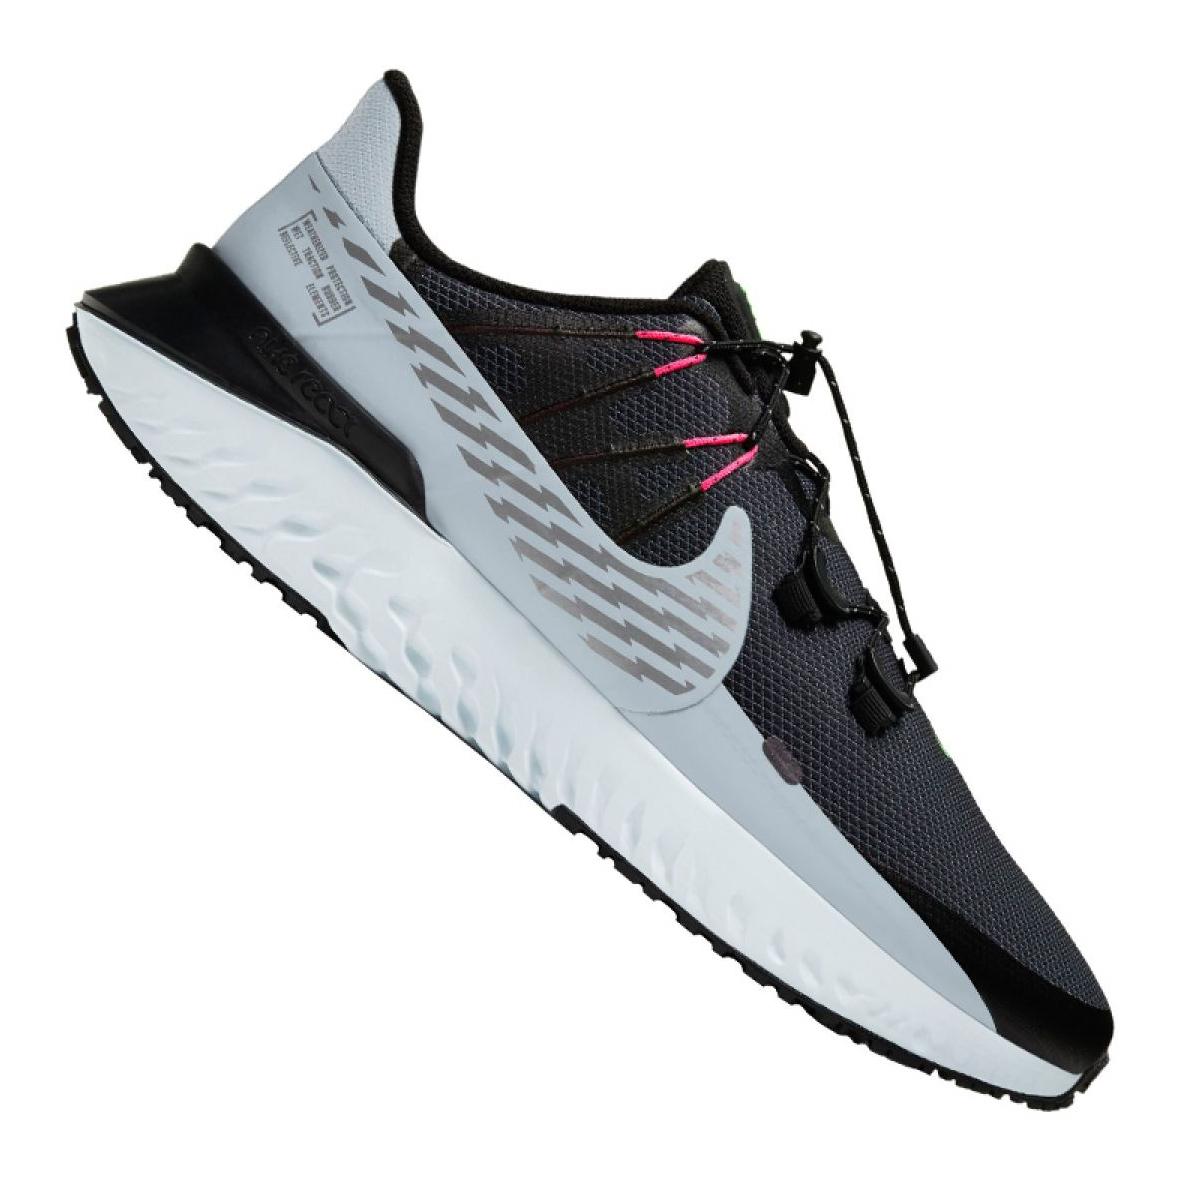 Nike Legend React 3 Shield M CU3864-010 running shoe grey - KeeShoes